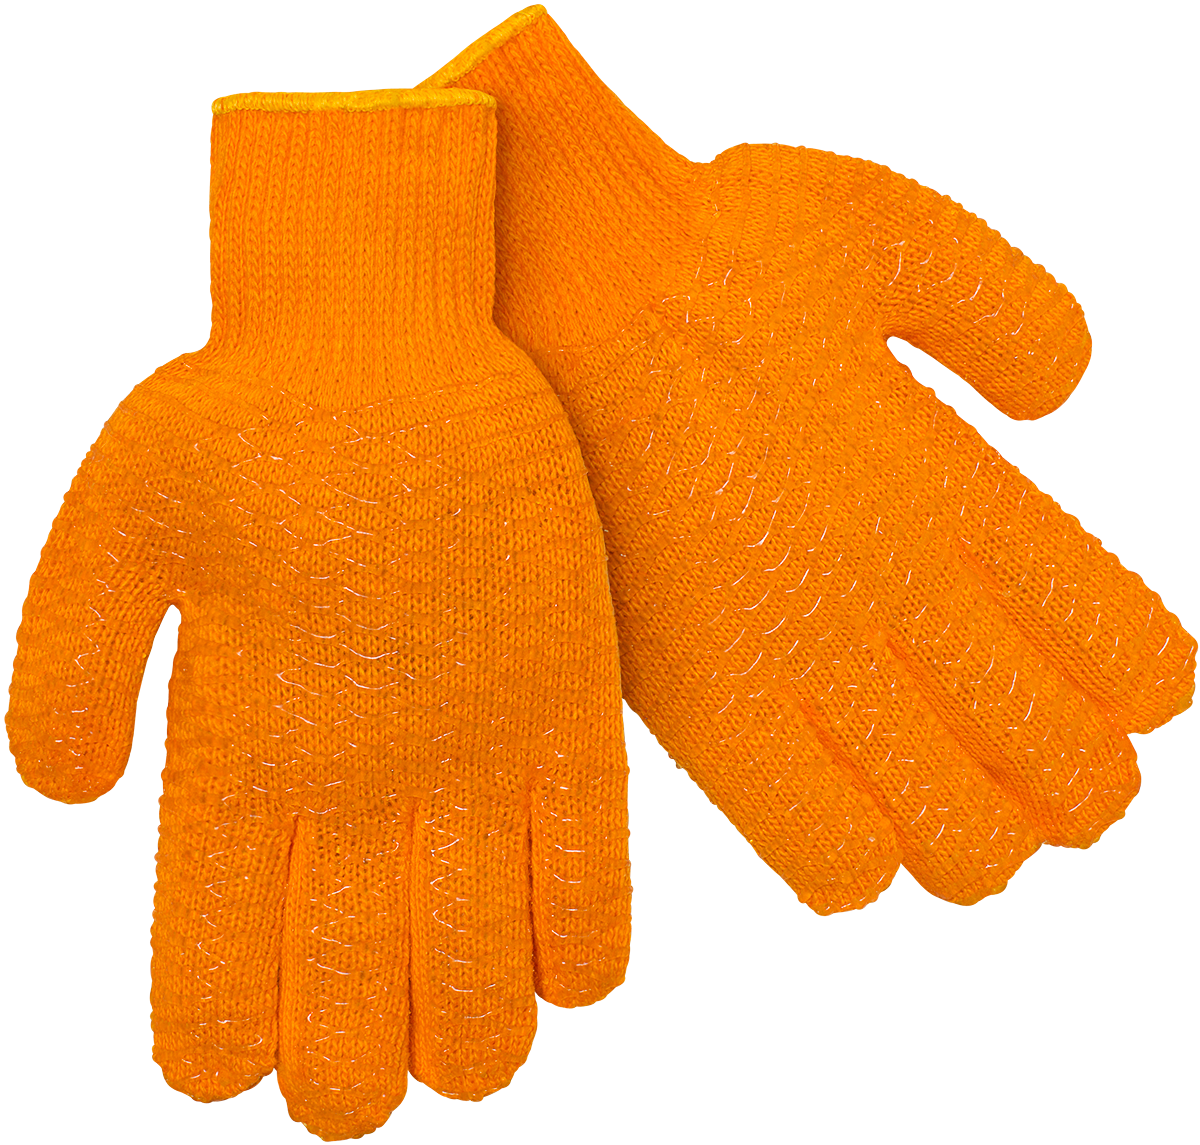 Steiner 0053-M Cotton/Polyester Machine Knit Gloves, Medium | PKG = 12